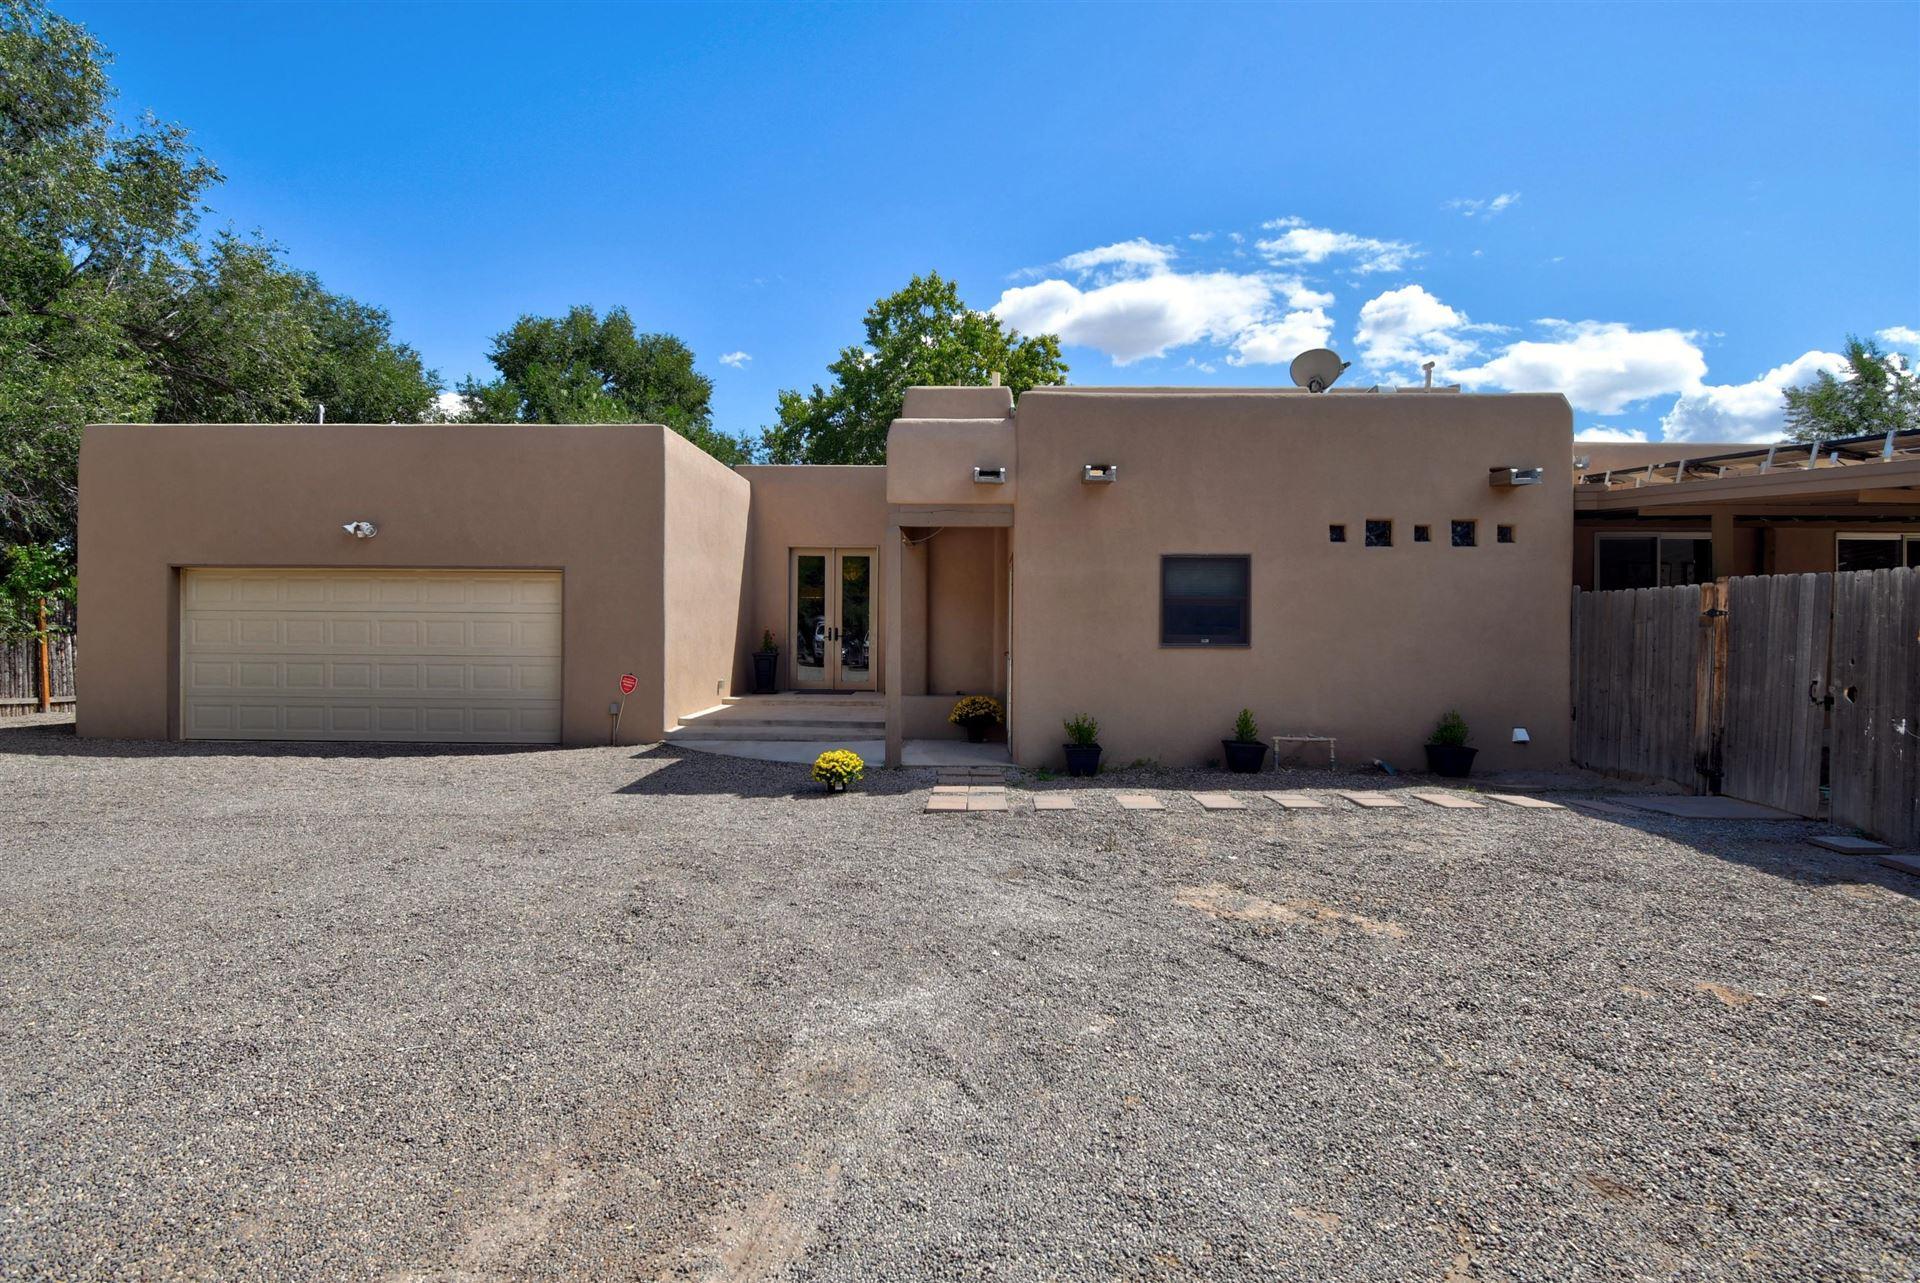 Photo of 2 CALLE DE LOS HOWARDS, Corrales, NM 87048 (MLS # 973586)